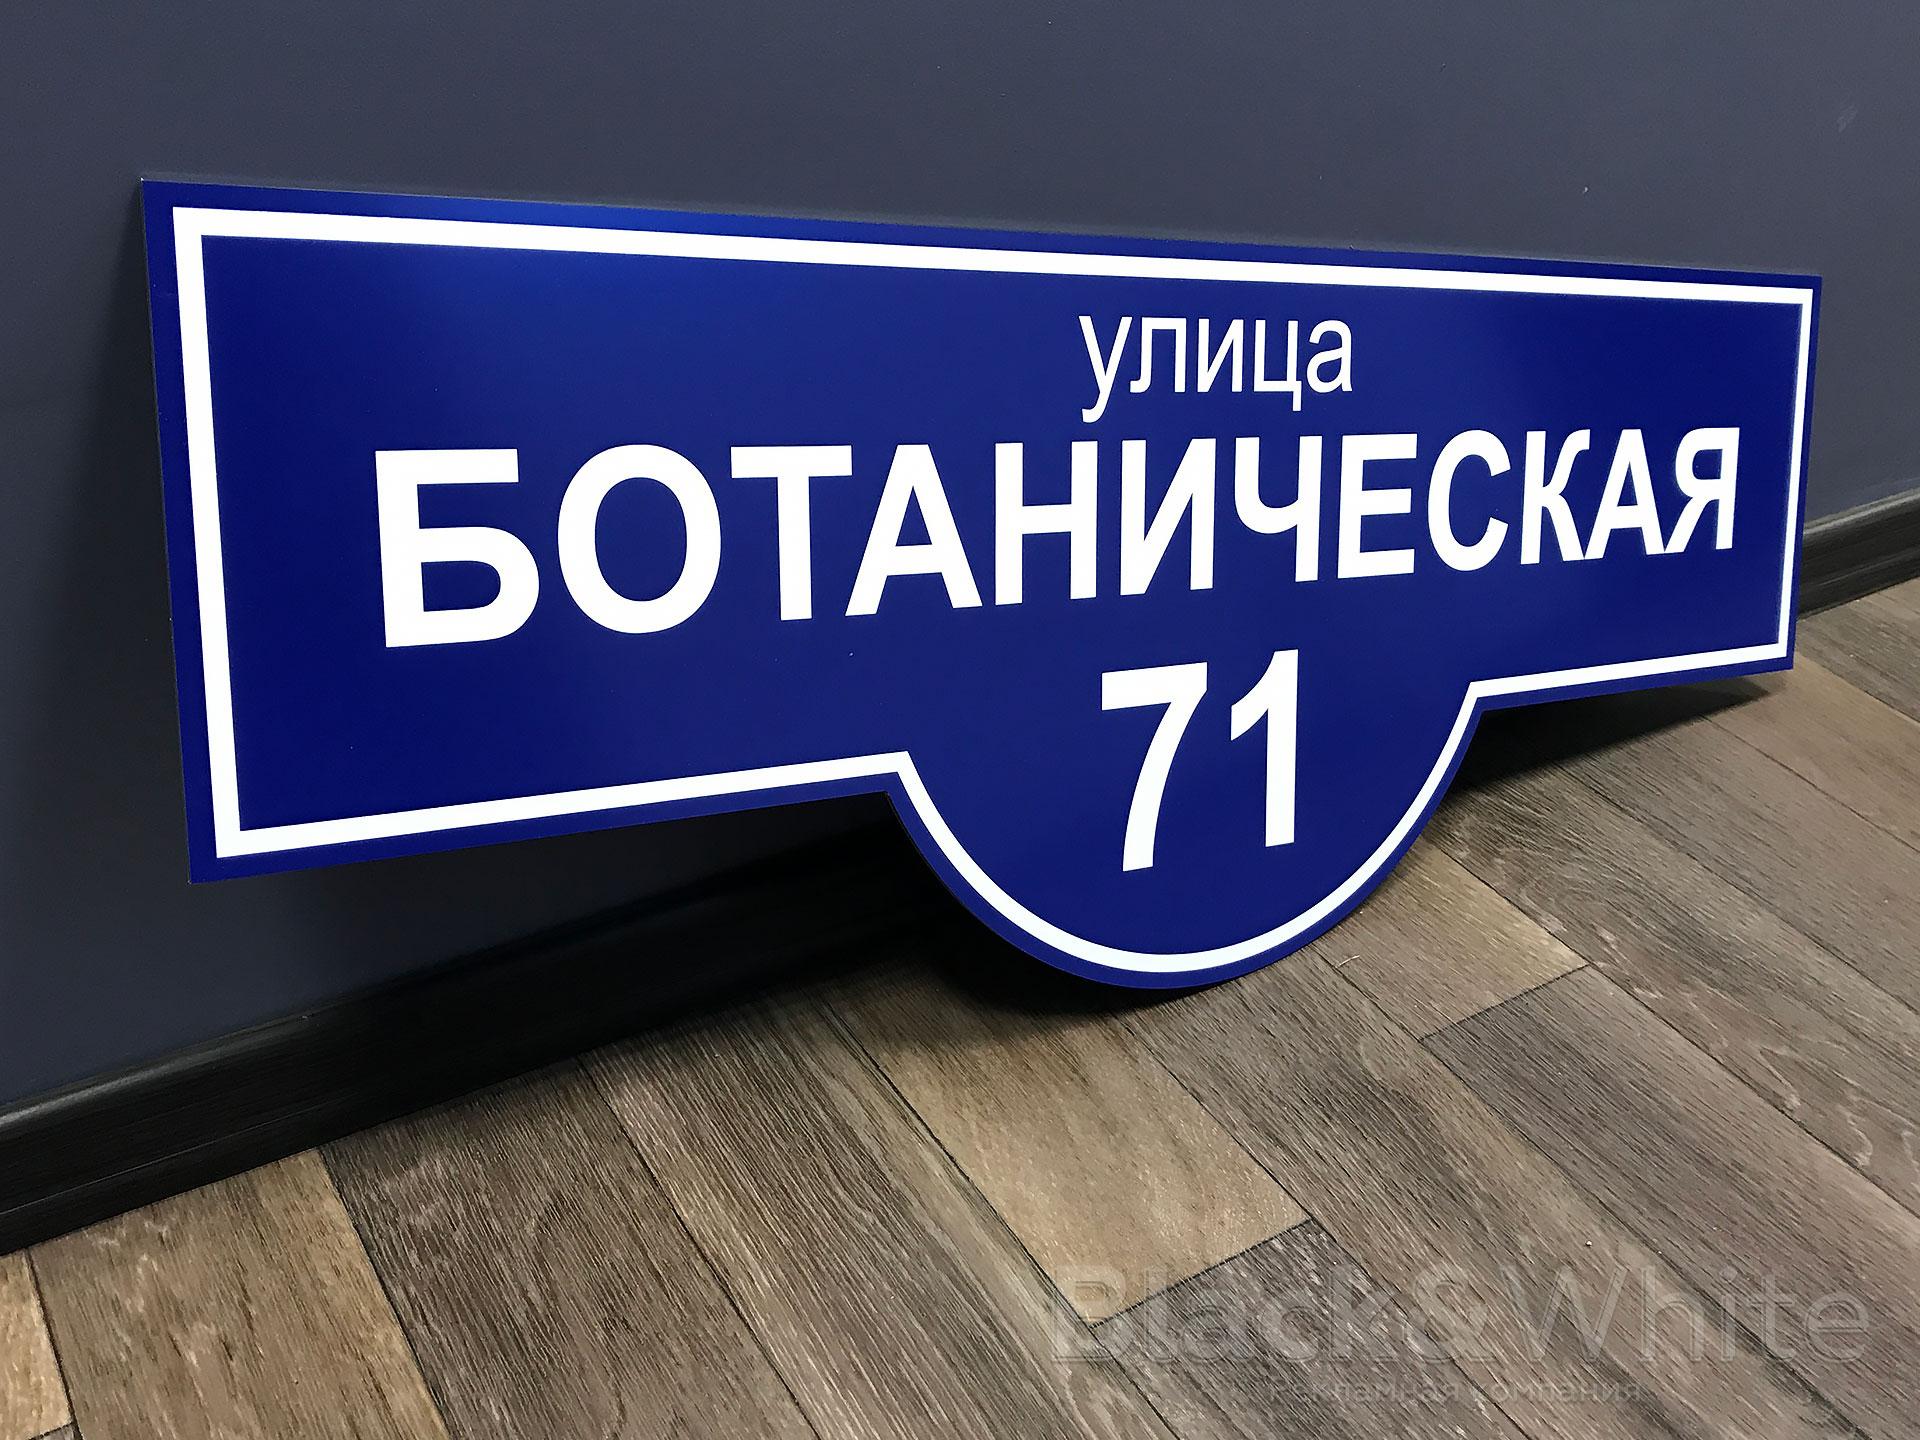 Адресные-таблички-домовые-знаки-красноярск.jpg